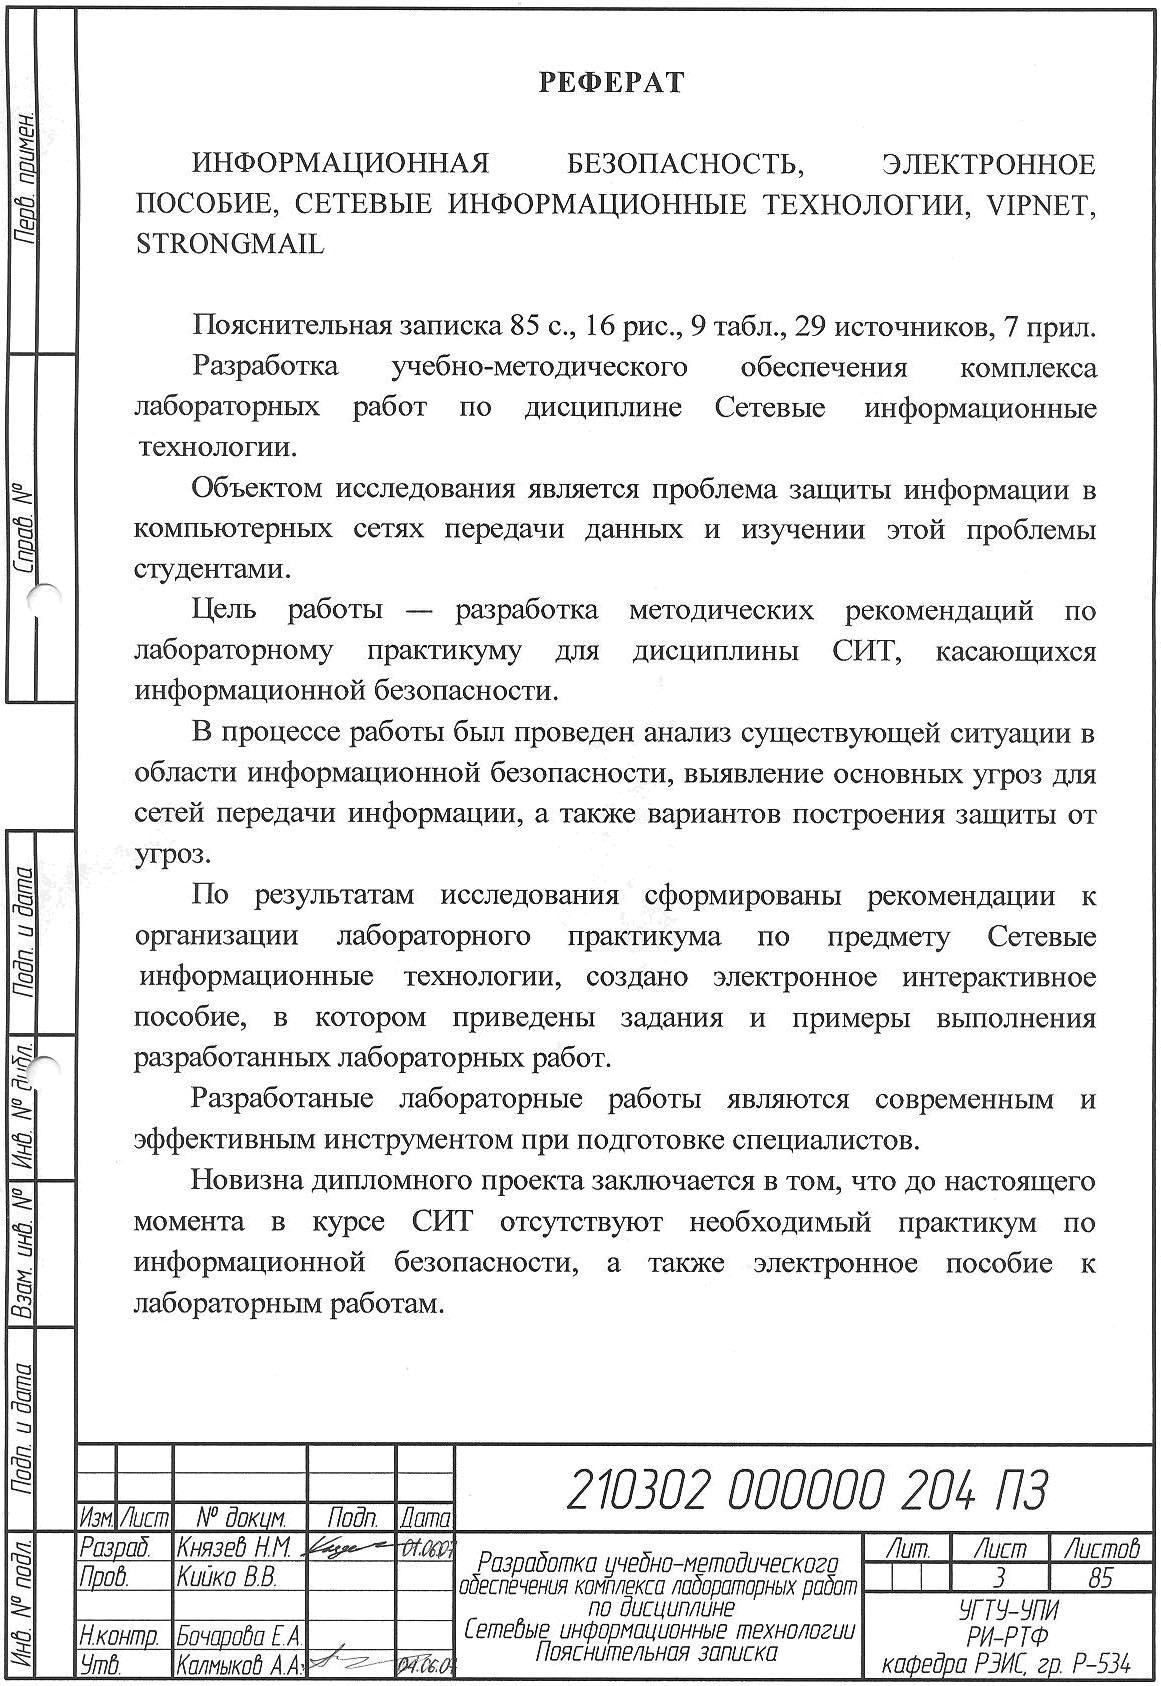 Приложение в диссертации образец 2032